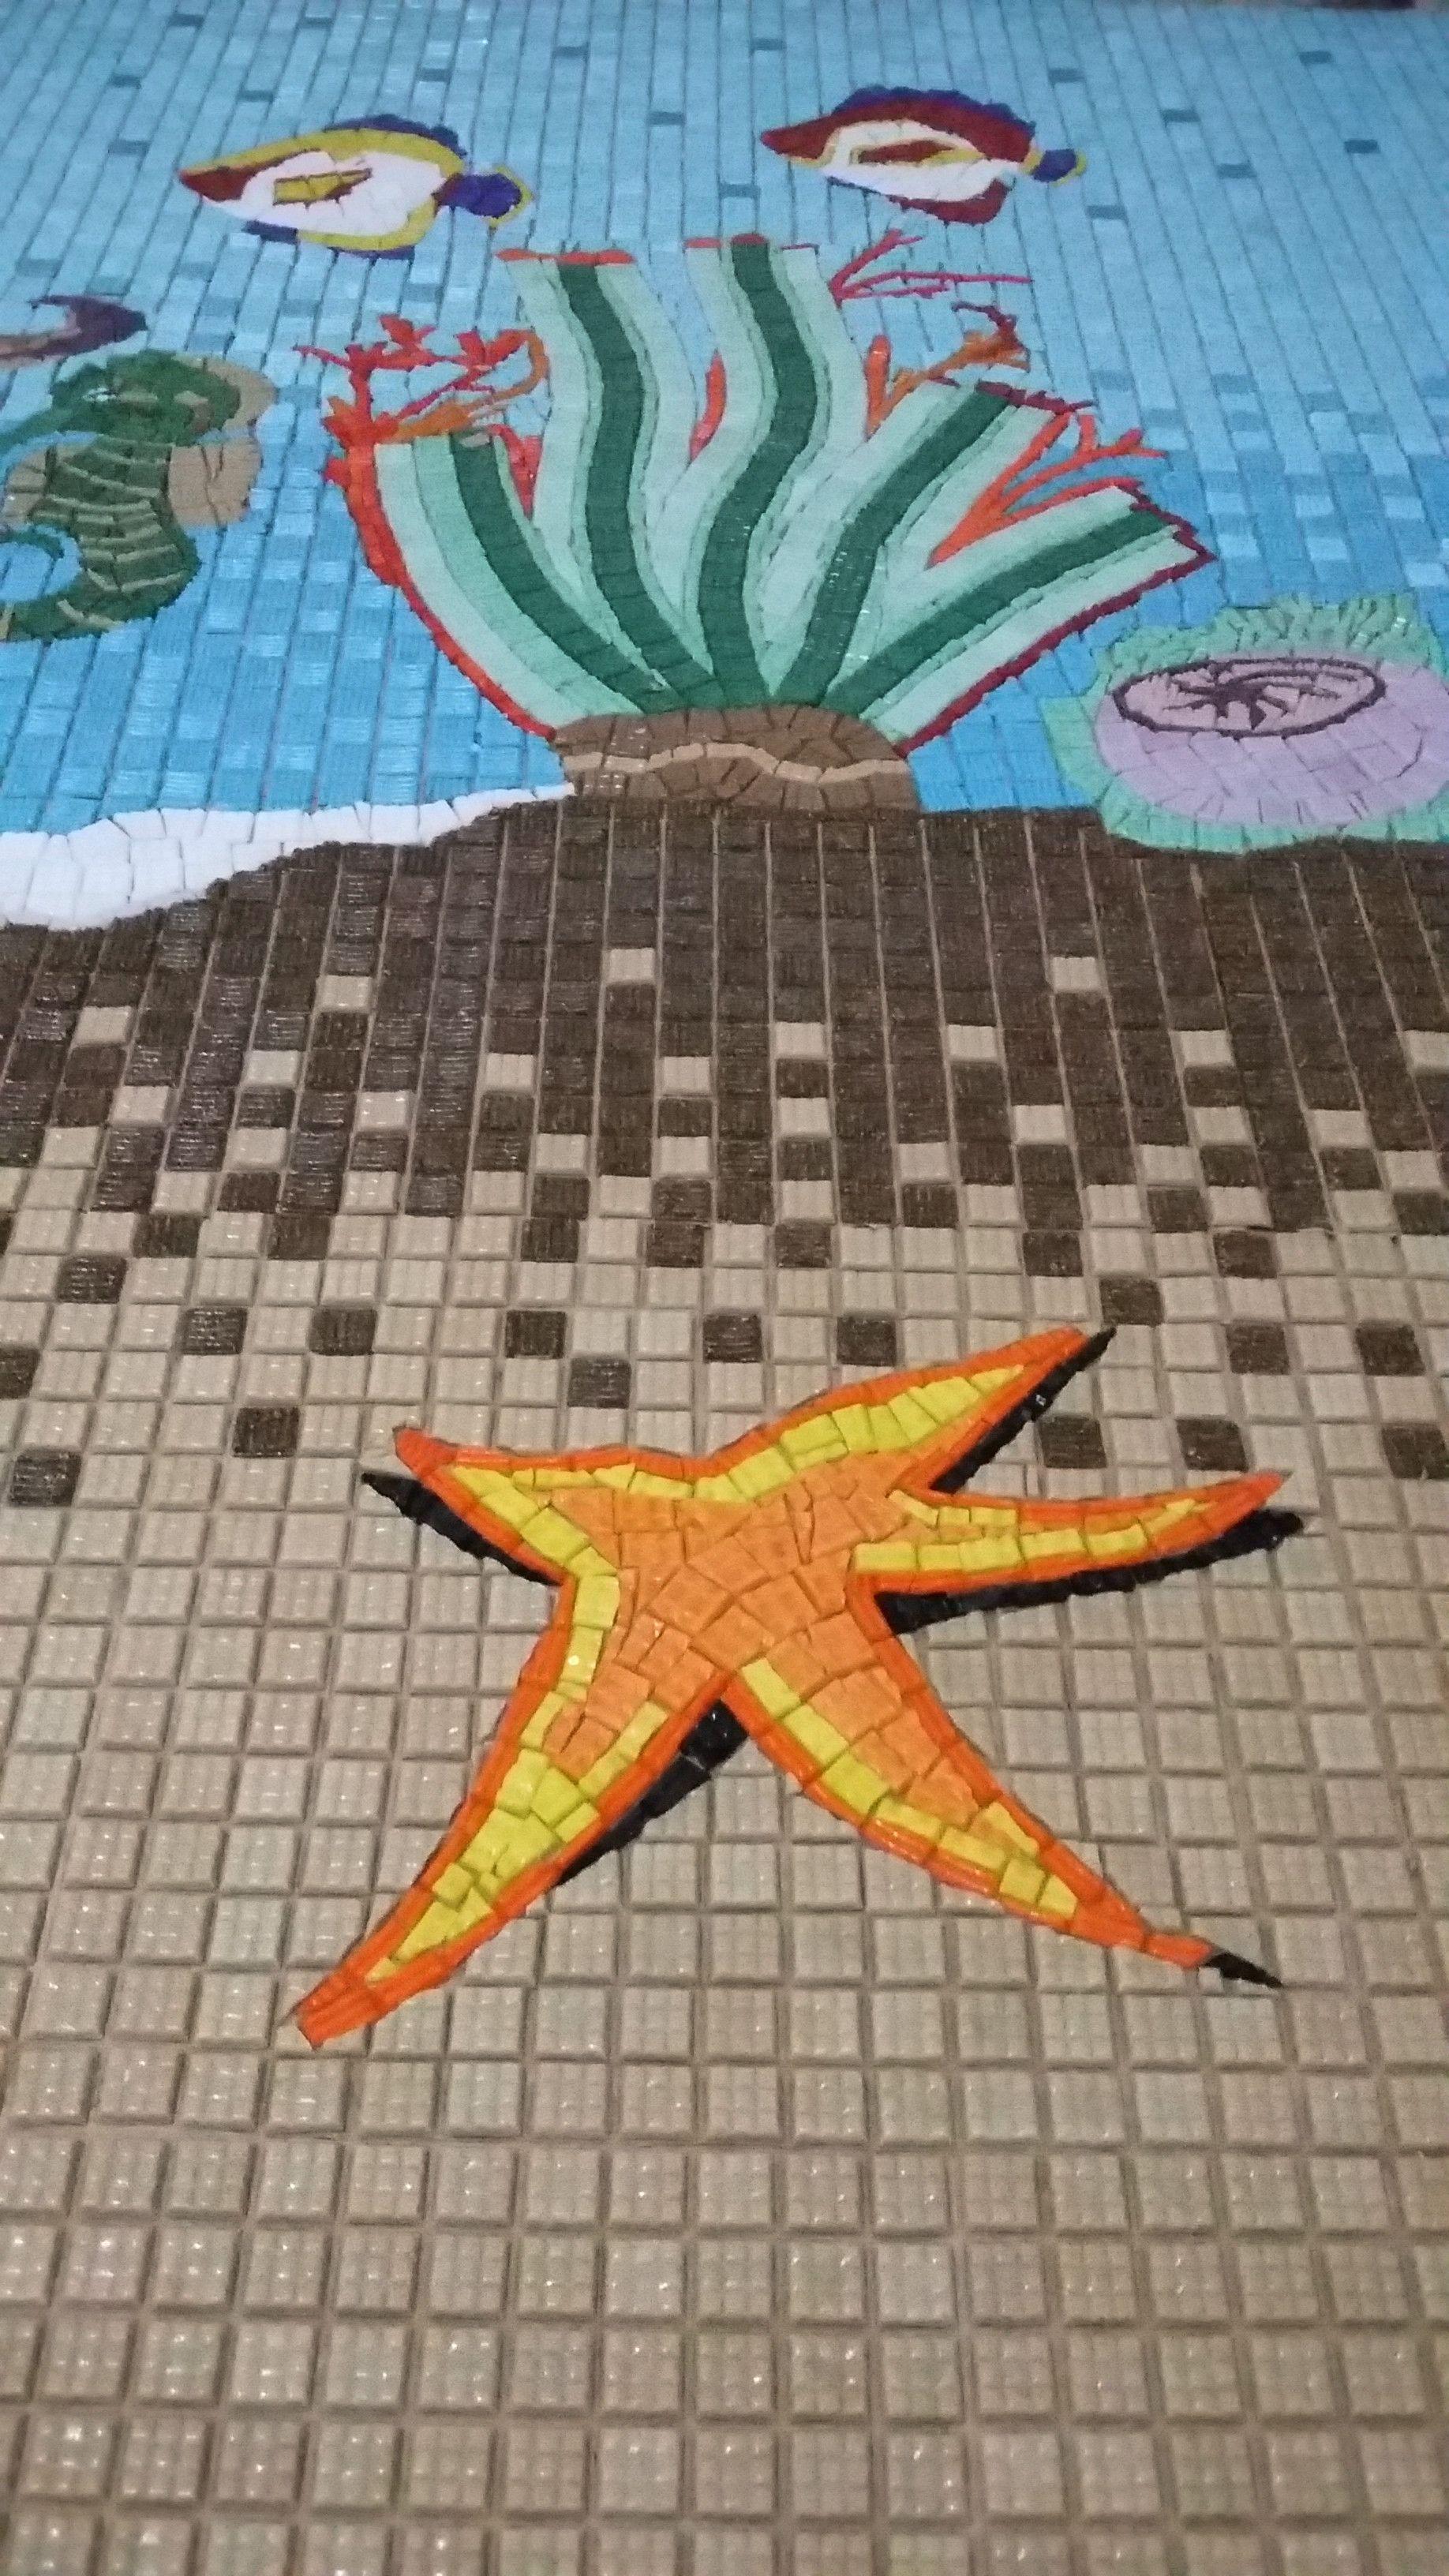 Muito Legal Essa Sensacao Da Estrela Do Mar Estar Em Alto Relevo Mosaico Em Pastilhas De Vidro Www Mosaicosmonica Com Br S Mosaic Contemporary Rug Starfish